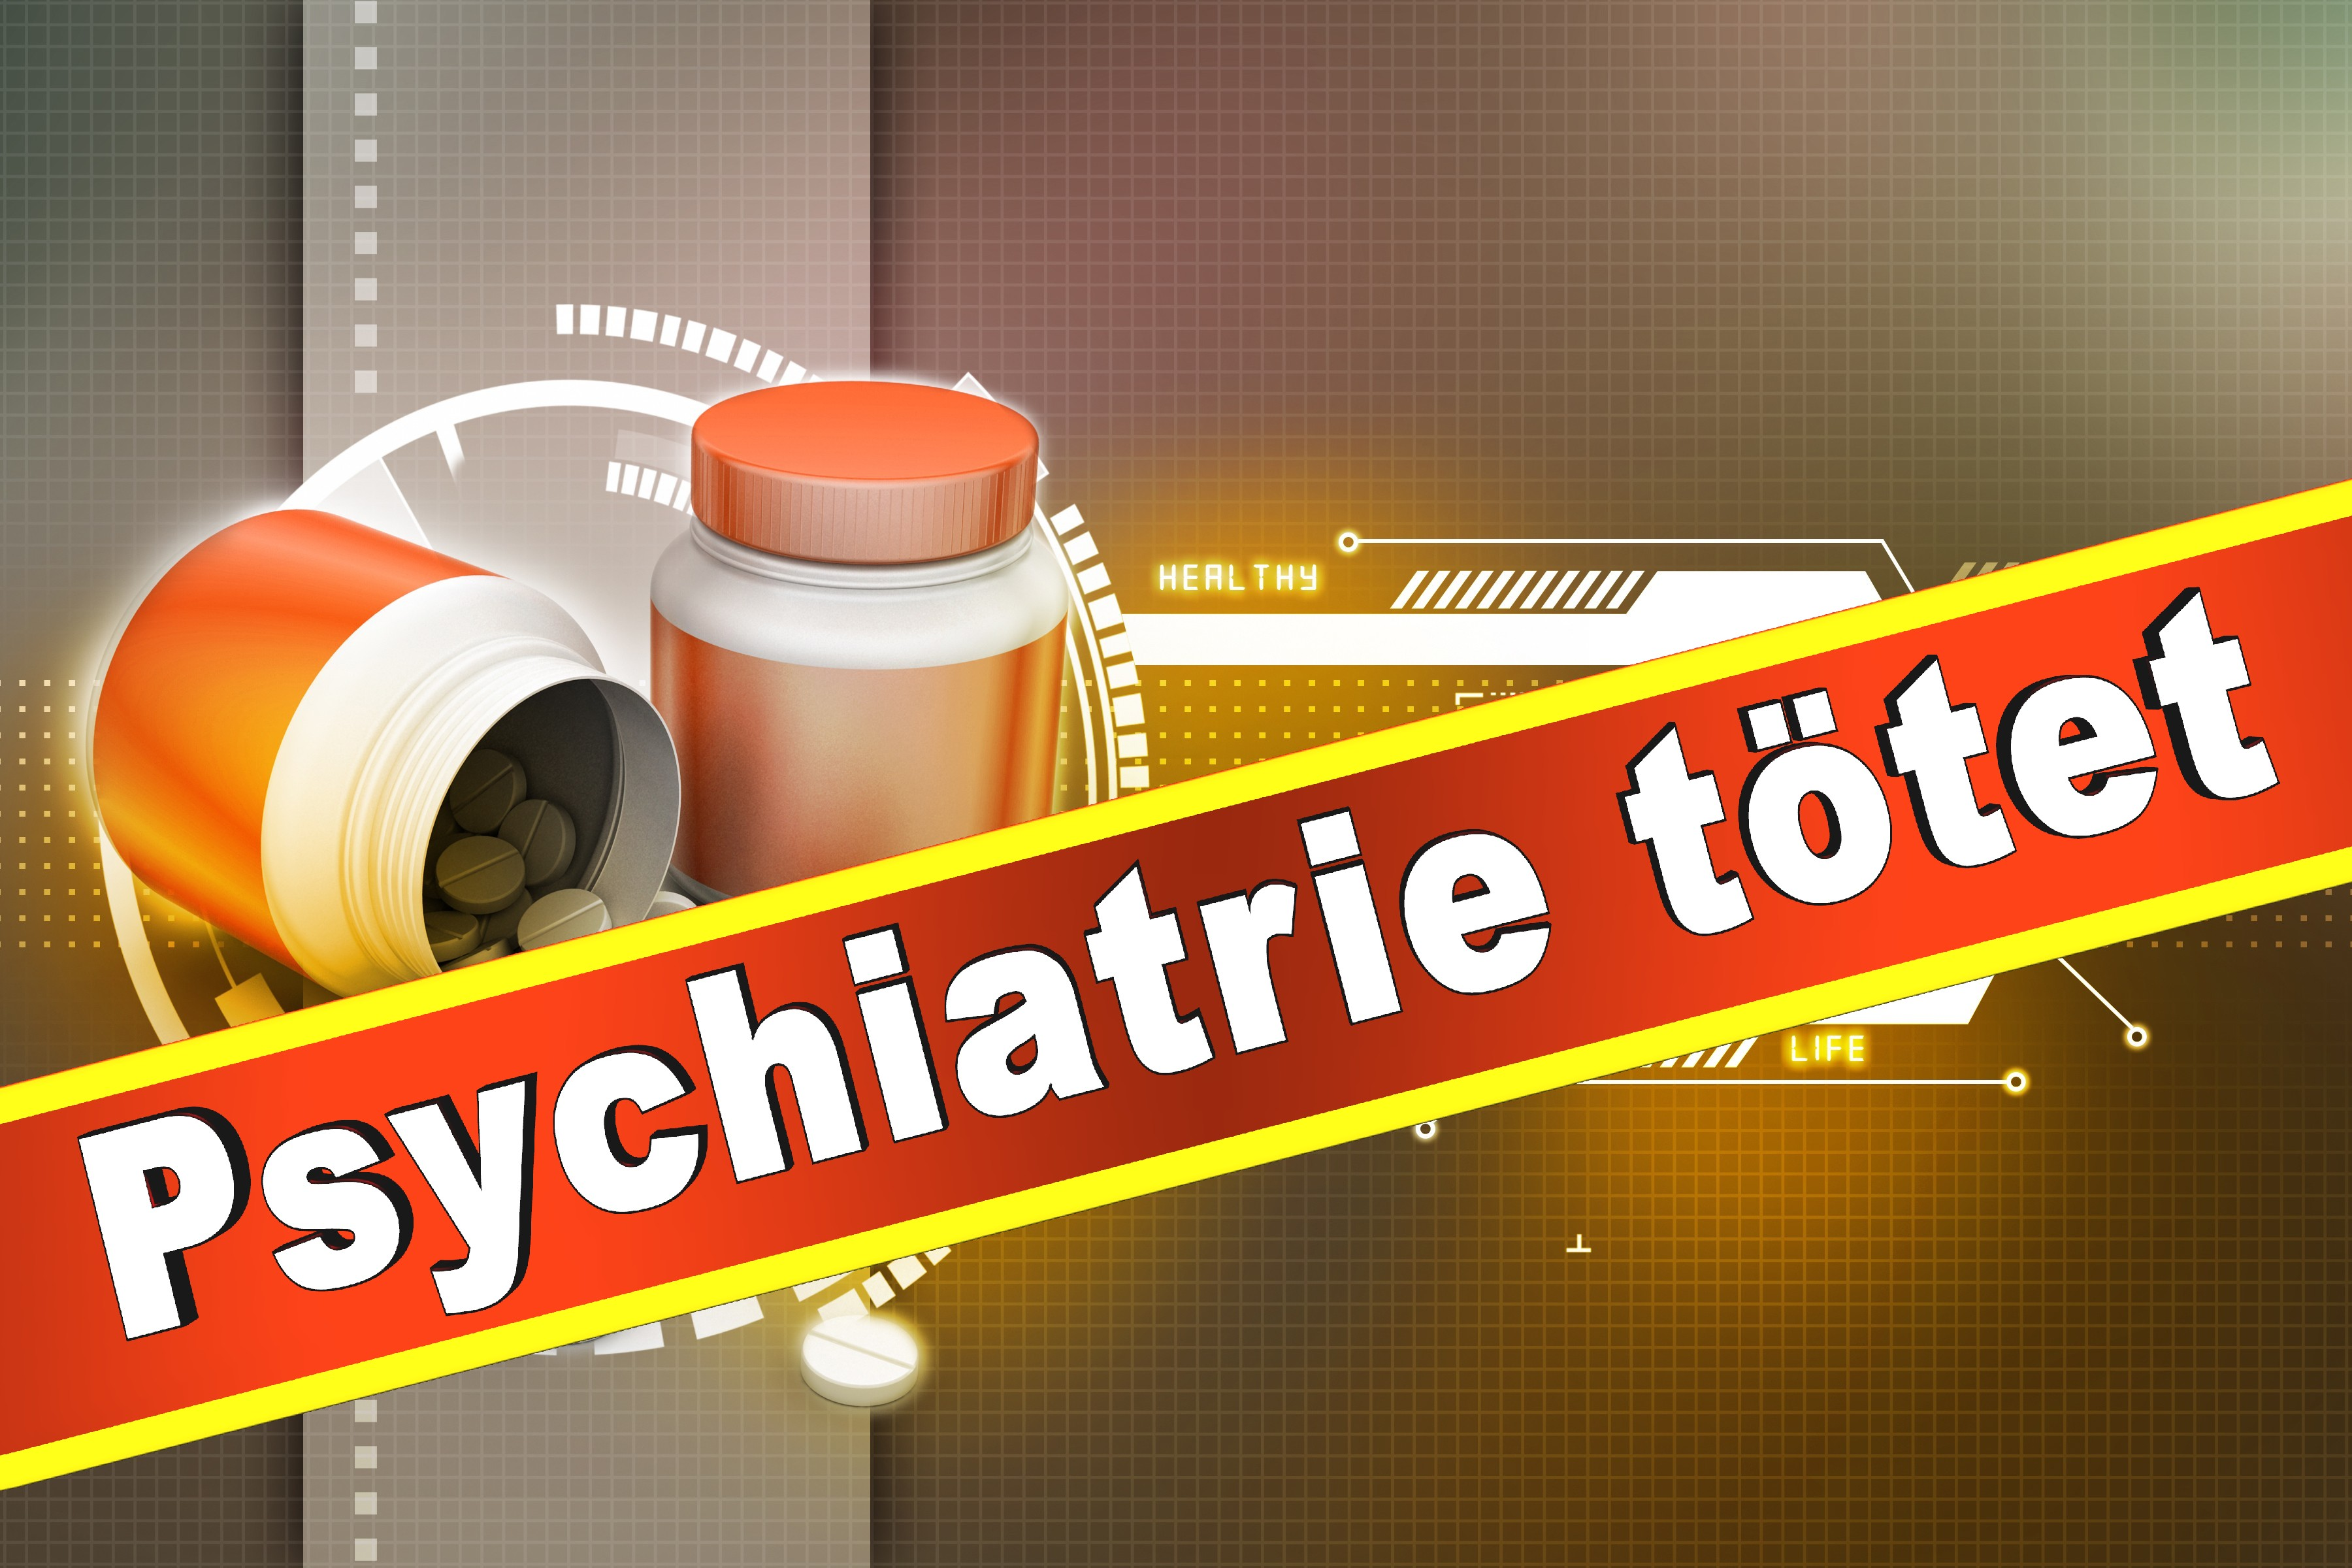 Carl Ernst Von Schönfeld Tagesklinik Medikamente Psychiatrie Tod Bethel Psychiater Korruption Gift Zwangspsychiatrie Unterbringung Friedhof Adolf Hitler Euthanasie (3)